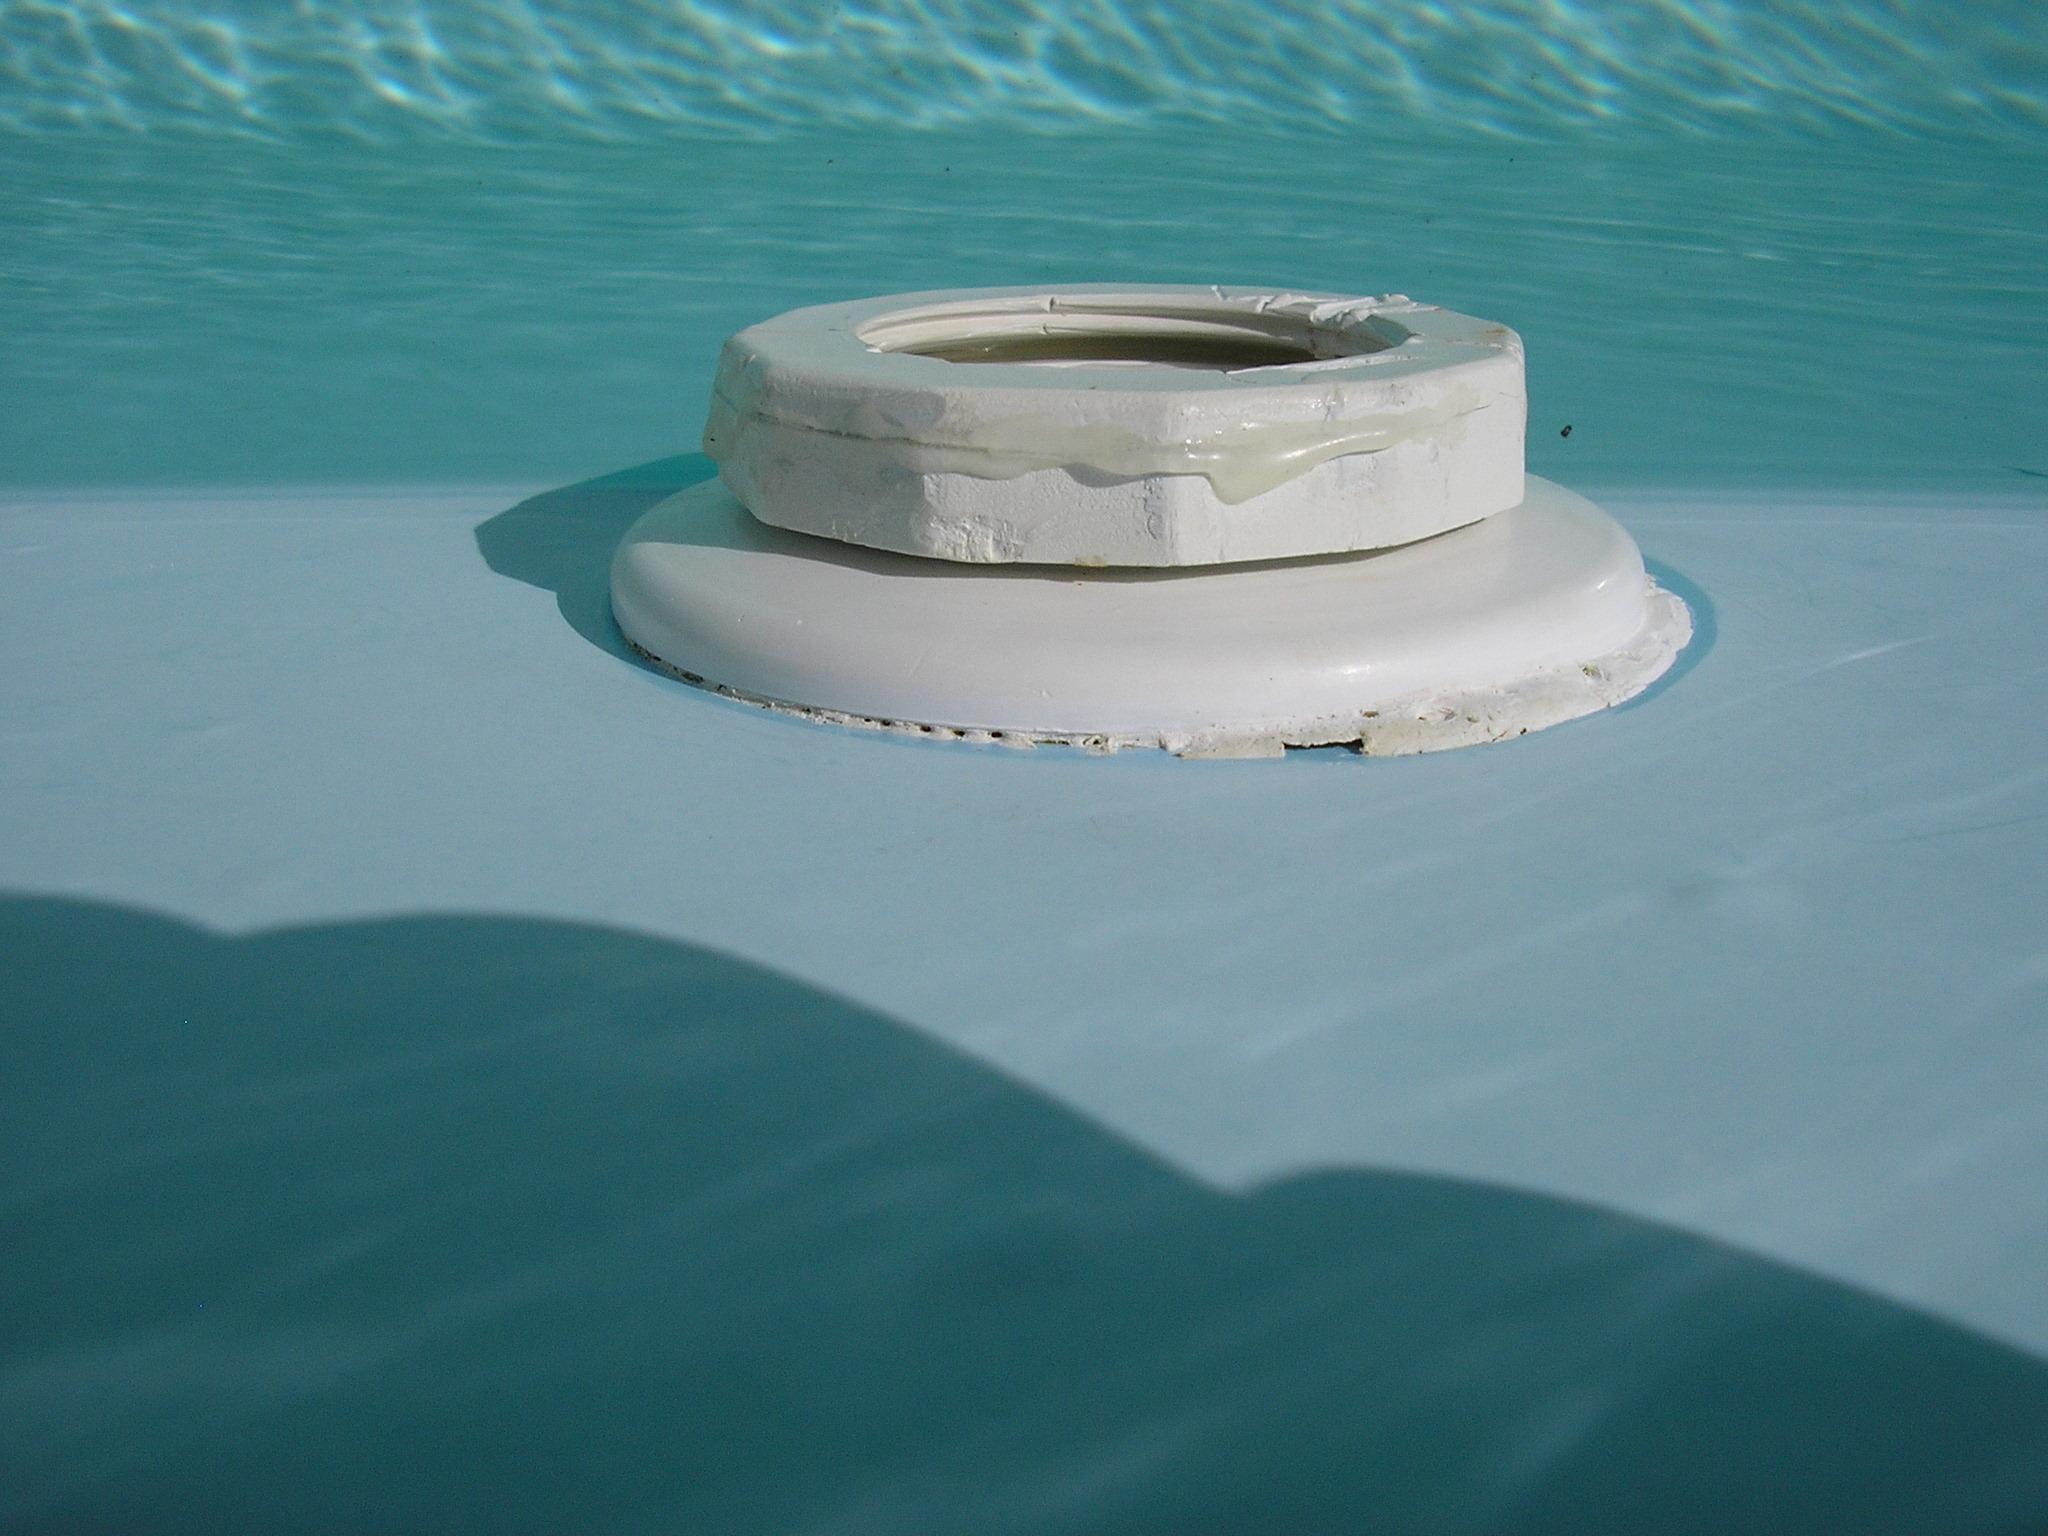 Prise balai polaris piscine coque polyester for Balai pour piscine